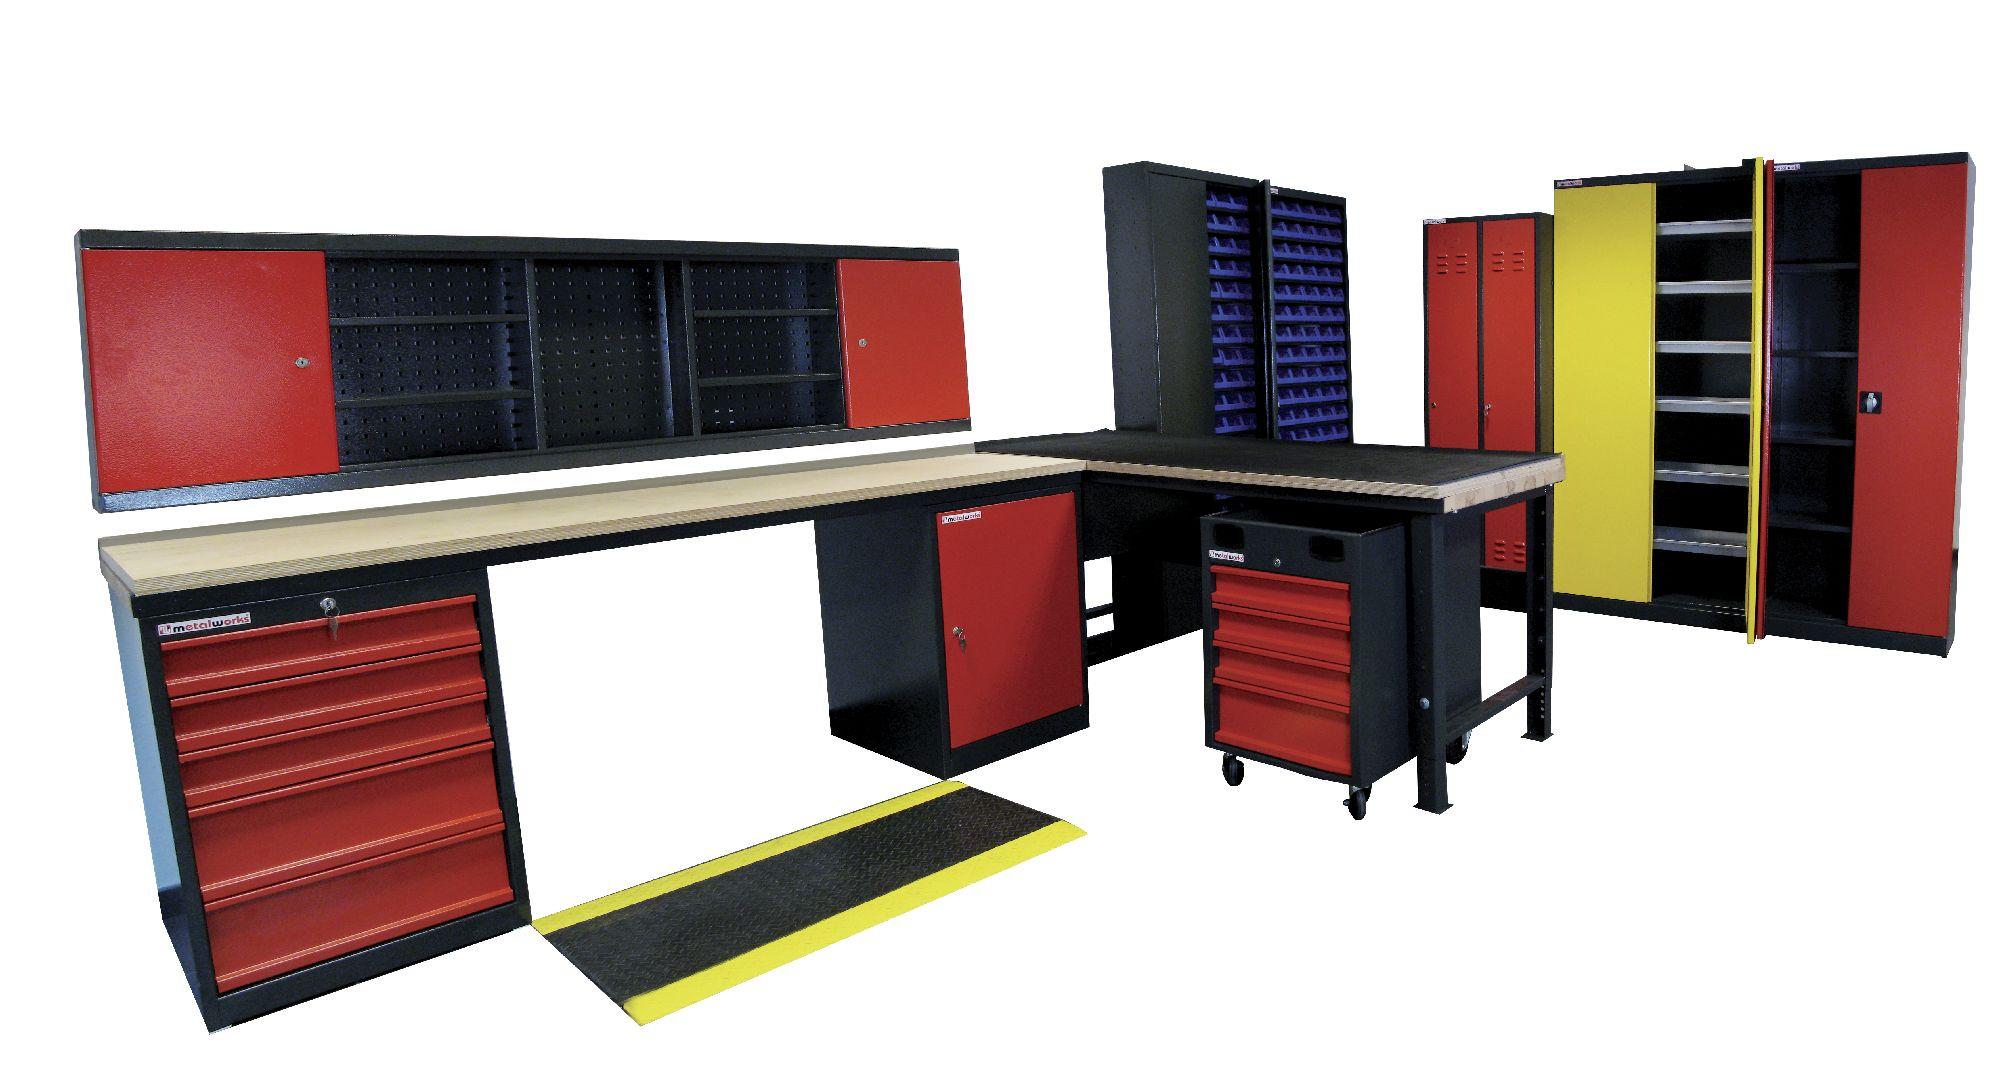 servante d 39 atelier 4 tiroirs armoire tiroirs mobilier d 39 atelier servante vide. Black Bedroom Furniture Sets. Home Design Ideas